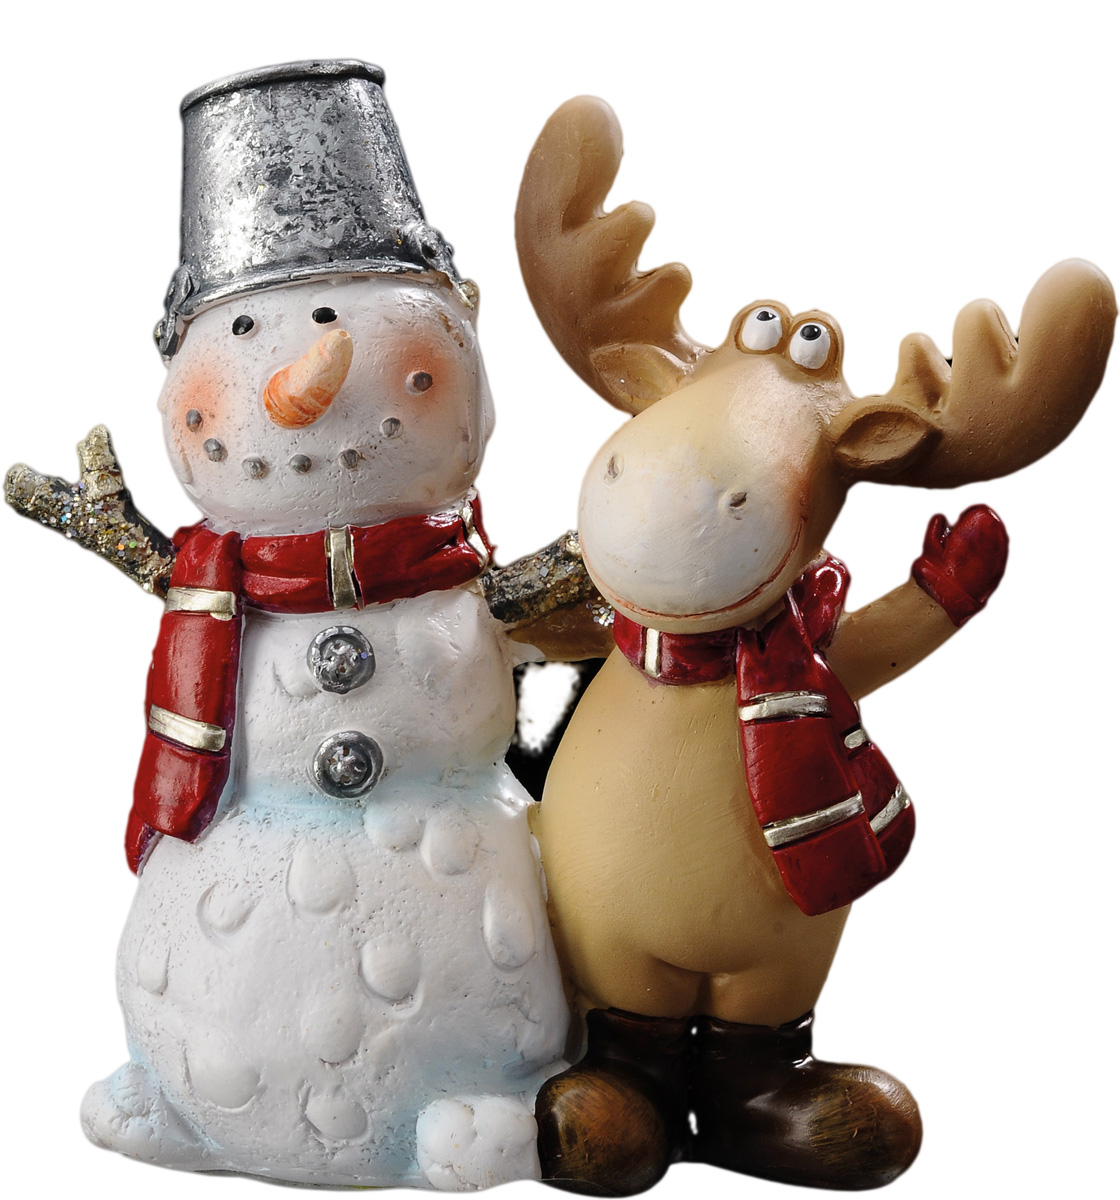 Милый настольный сувенир отличается хорошо прорисованными деталями. Новогодние украшения всегда несут в себе волшебство и красоту праздника. Создайте в своем доме атмосферу тепла, веселья и радости, украшая его всей семьей.